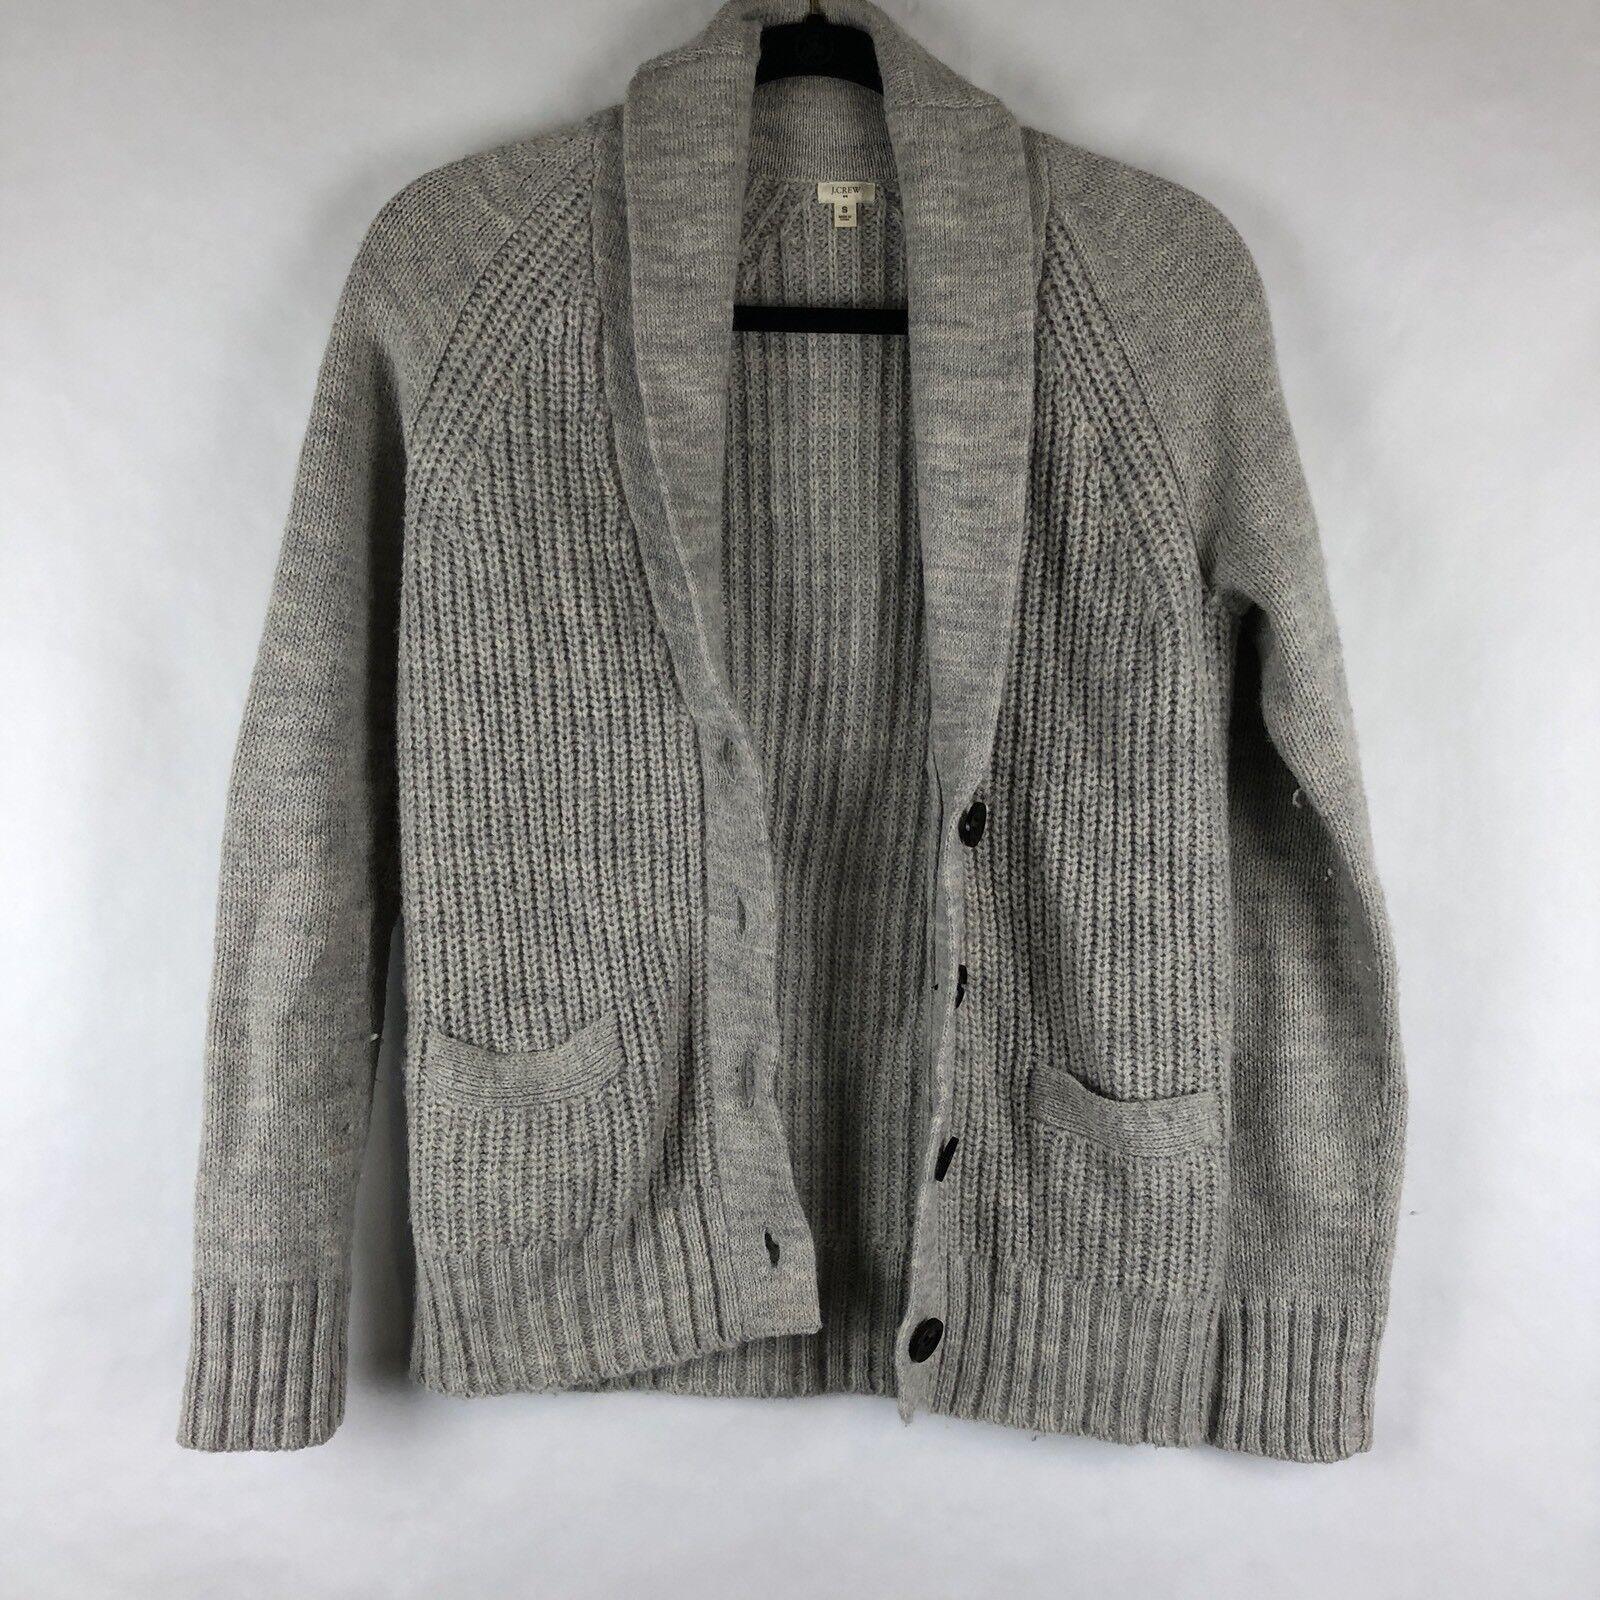 J Crew Womens Cardigan Size S Grey Knit Sweater Alpaca Wool Blend (BI)